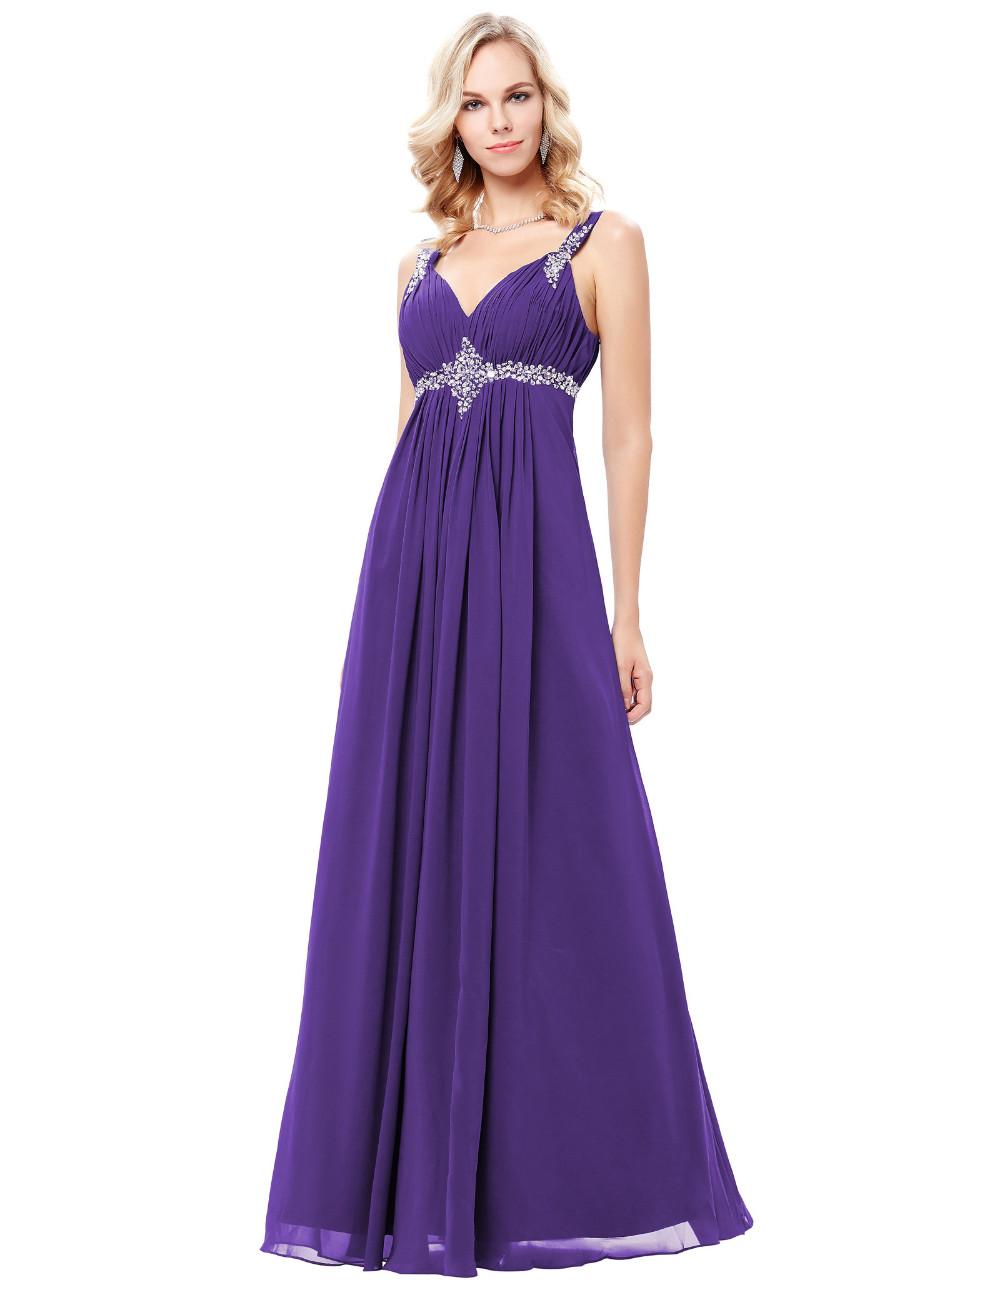 HTB100T4OFXXXXXmaXXXq6xXFXXXzLong Formal Dress Elegant Floor Length Chiffon Dress